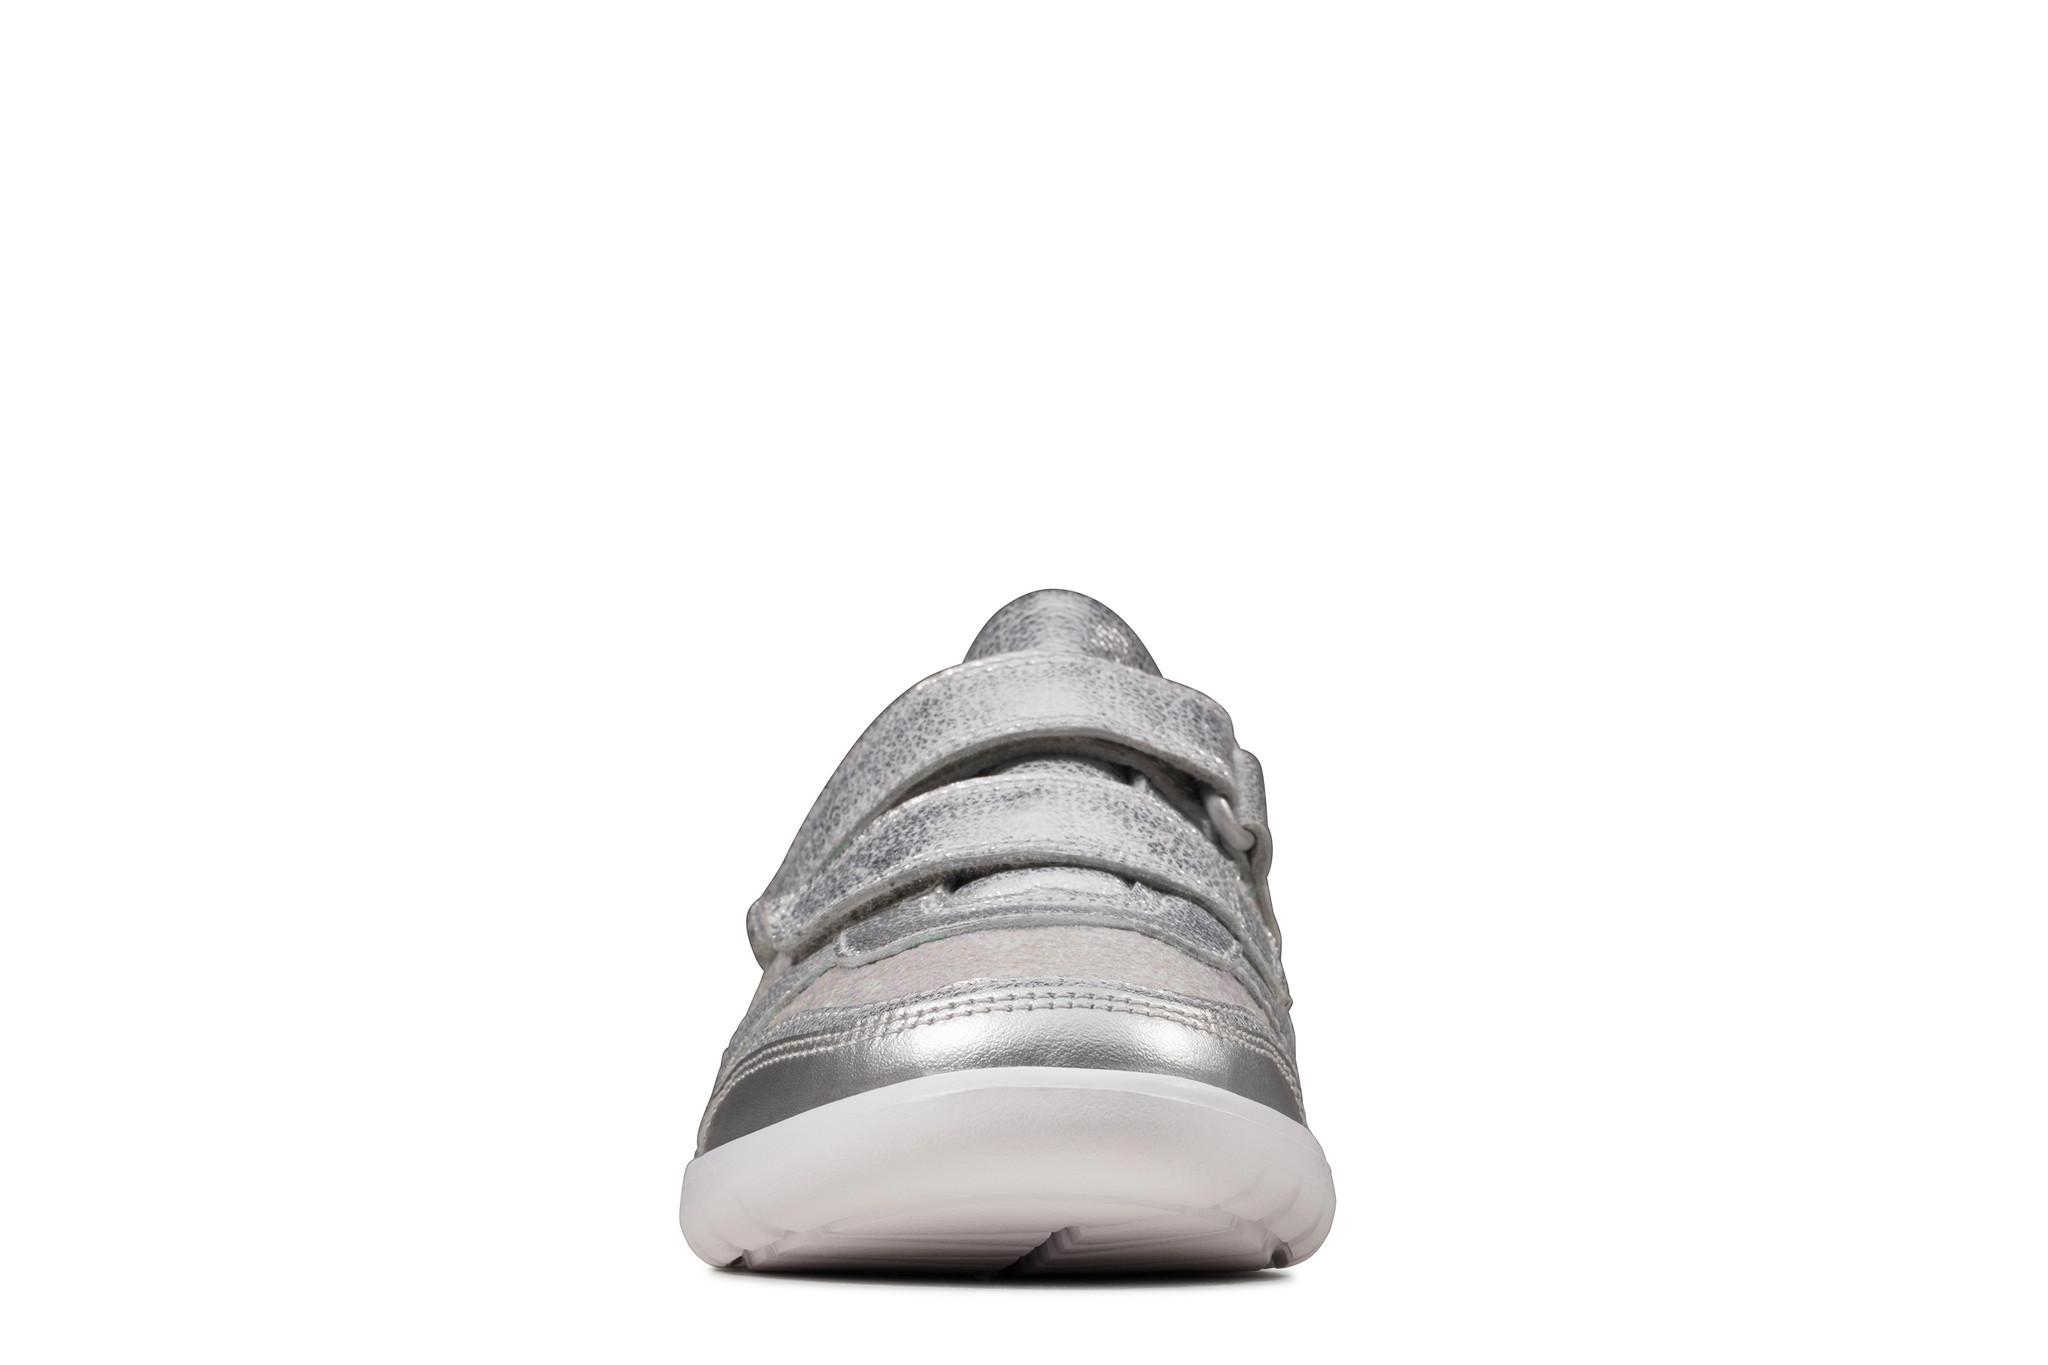 Clarks Scape Spirit Silver Metallic